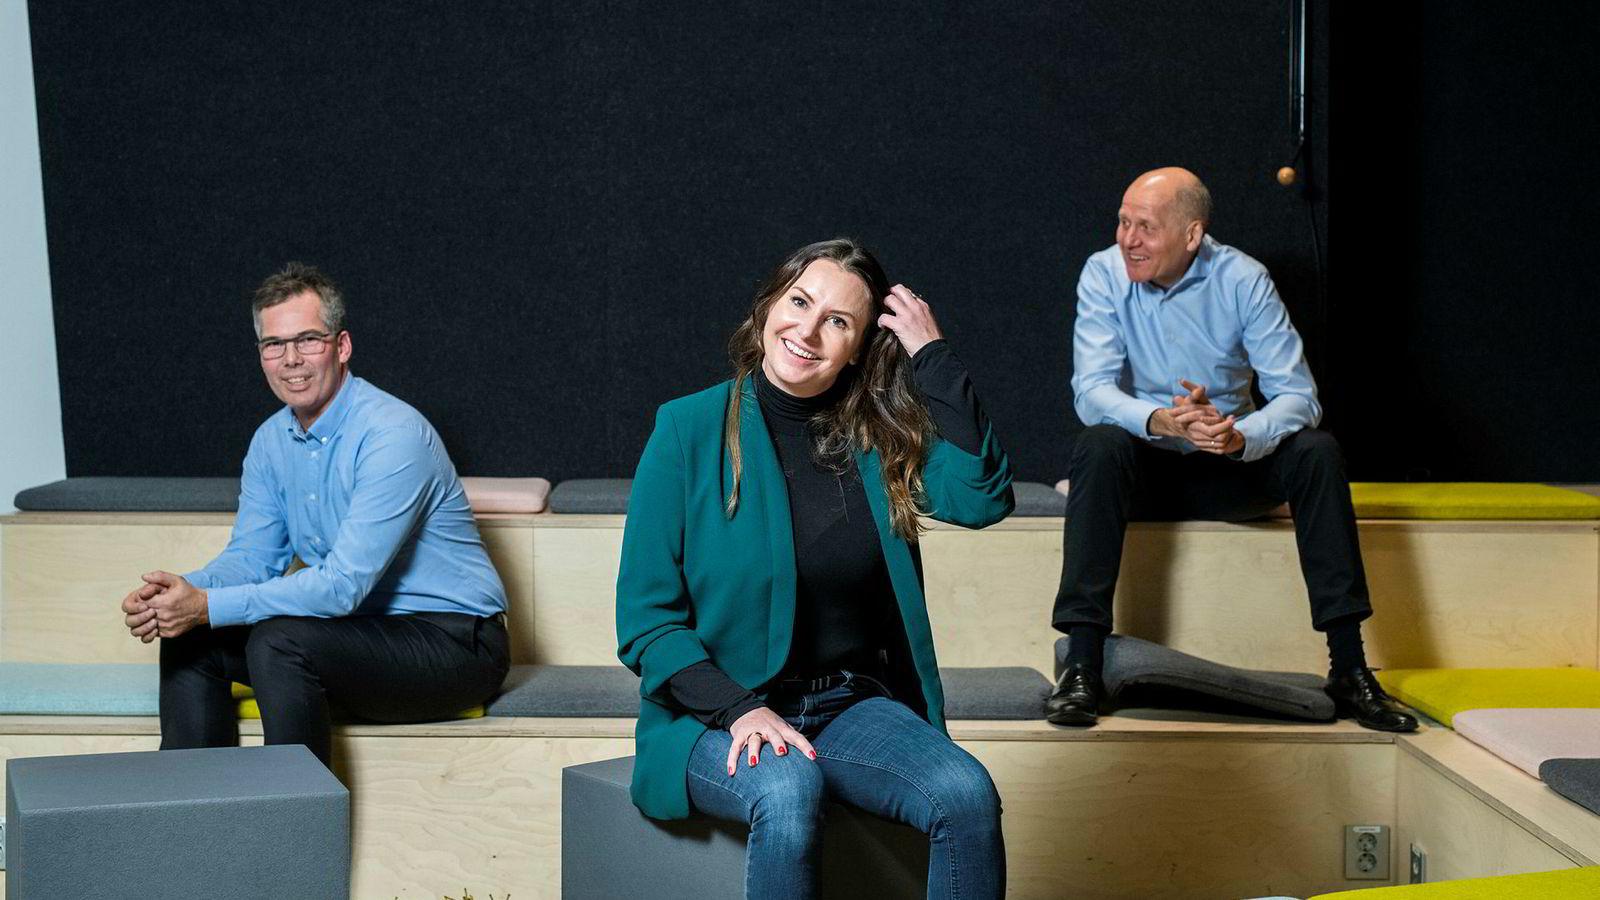 Fra venstre: Anders Gøbel i EY, She-grunnlegger Heidi Aven og konsernsjef i Telenor Sigve Brekke på konferansen She Future 13. november.